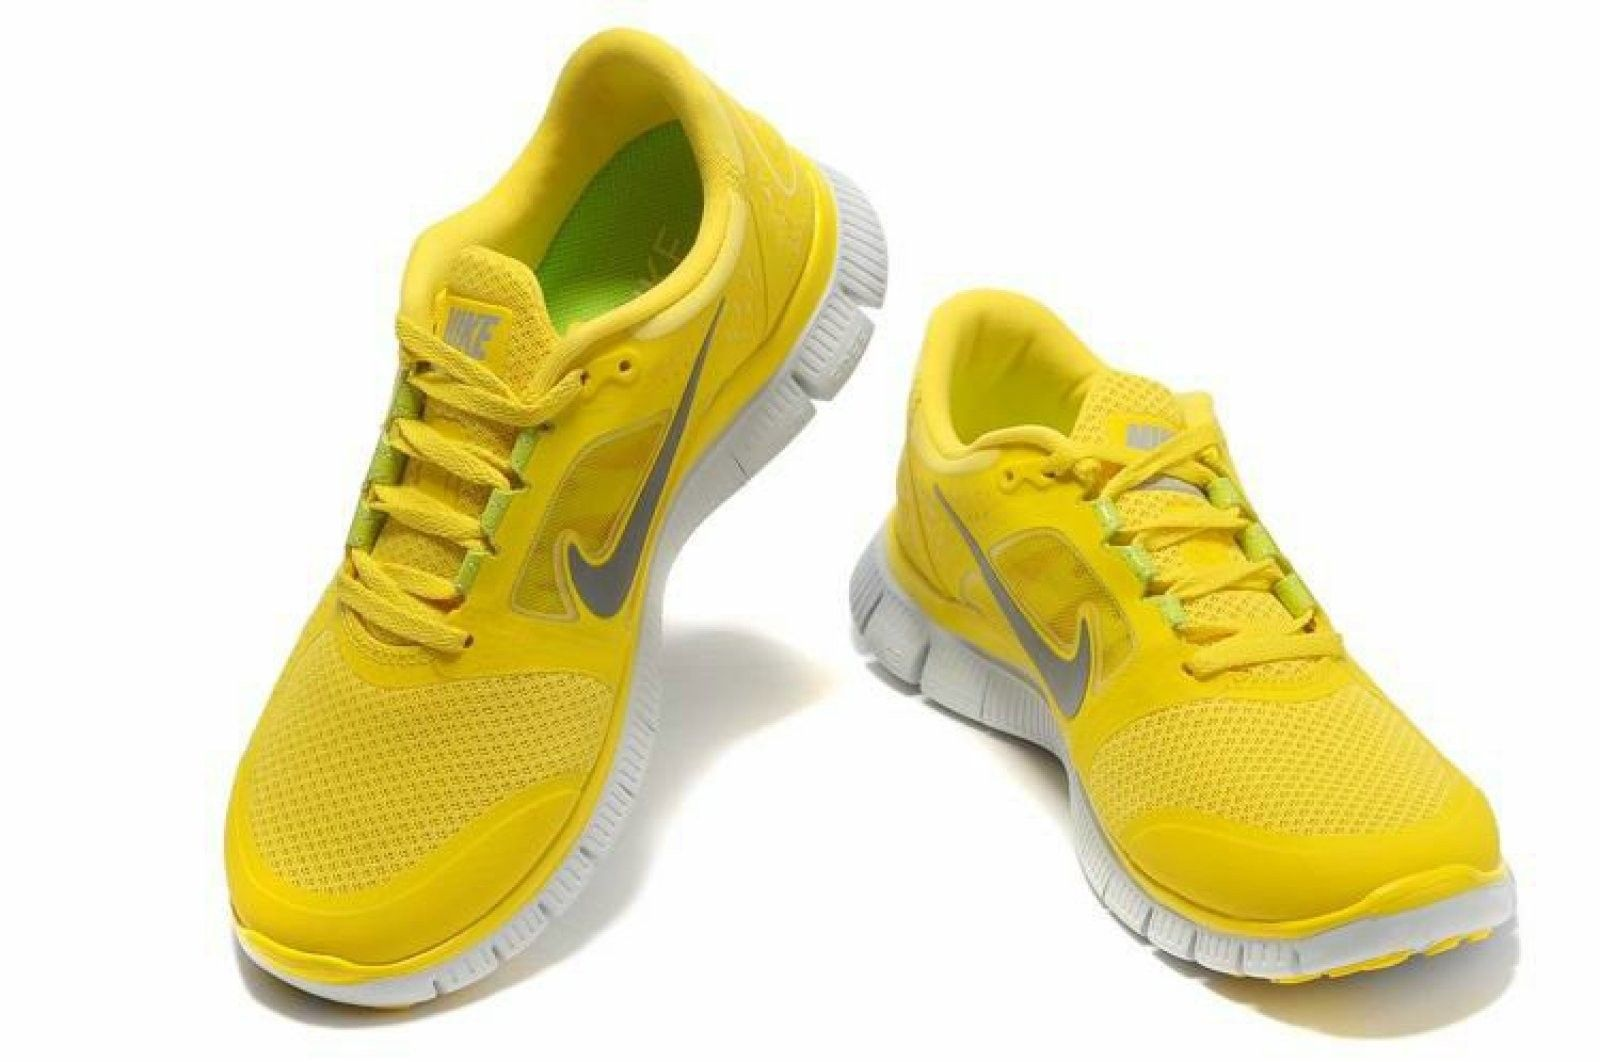 En Primavera Y Verano Viste De Amarillo Calzado Nike Gratis Nike Free Zapatillas Nike Para Hombre